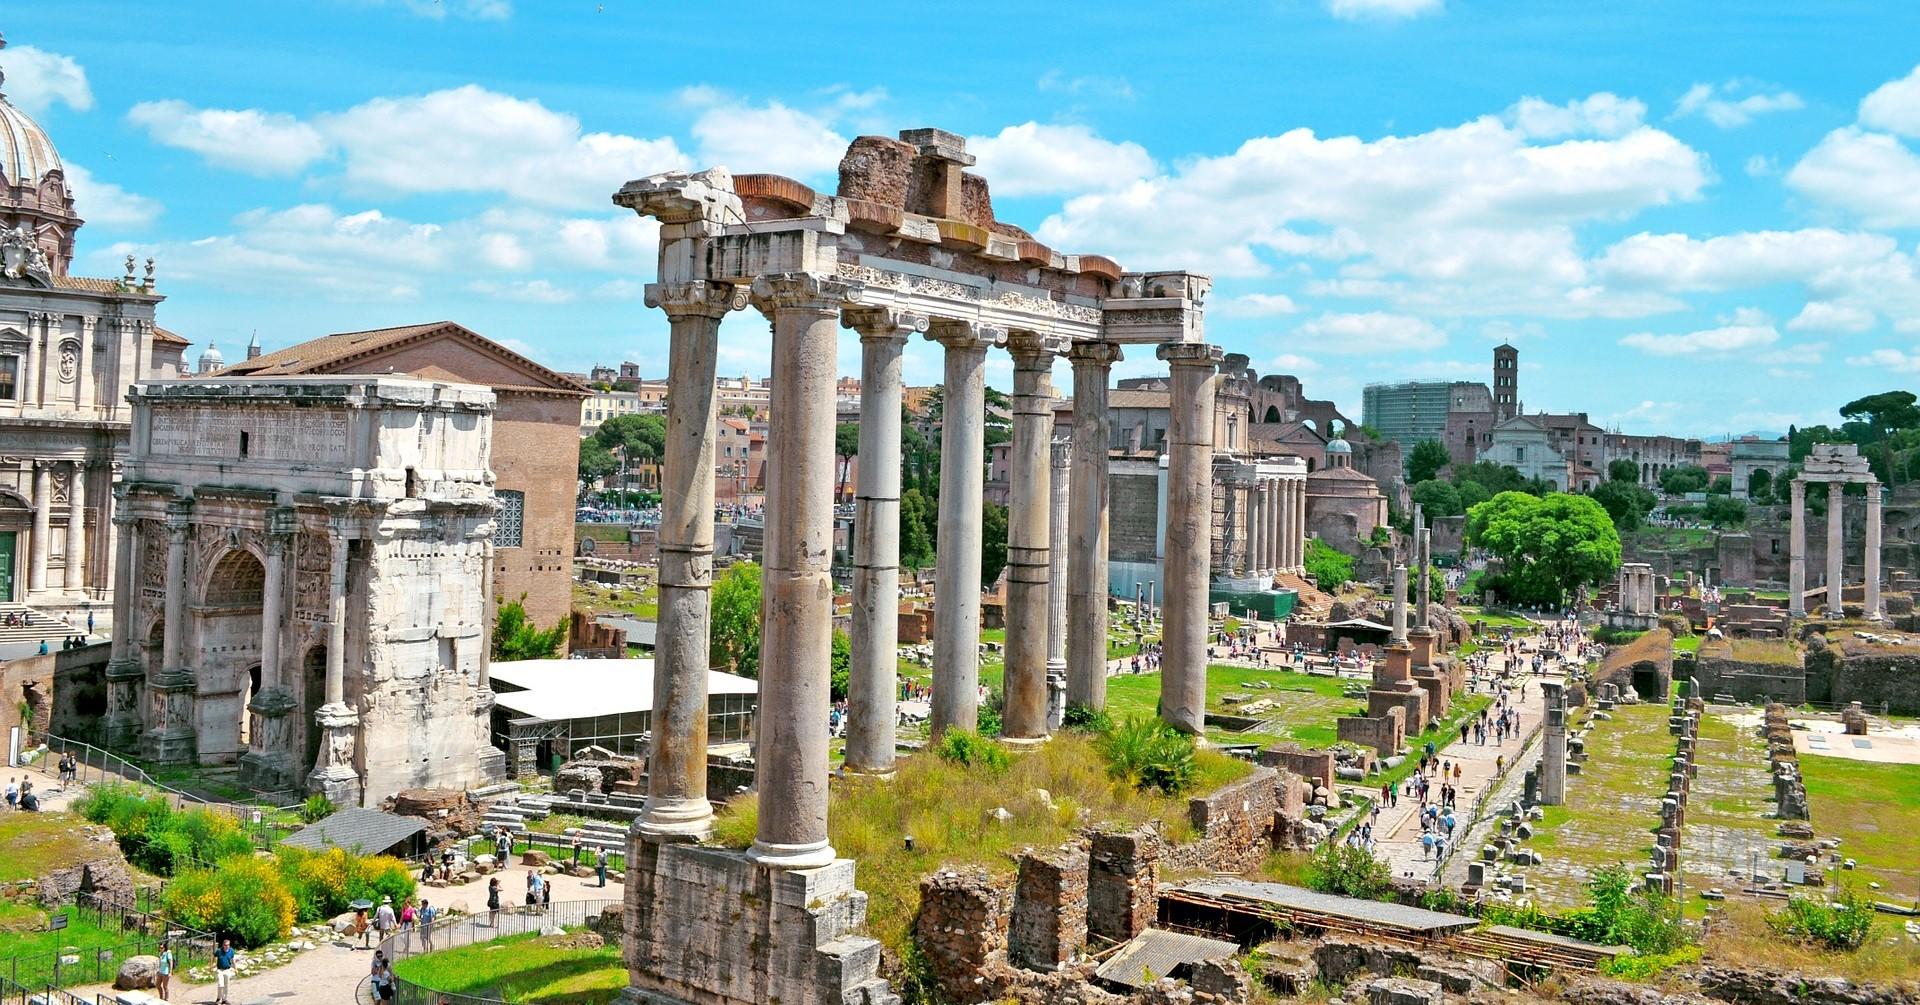 2020年3月『ローマの歴史地区と教皇領』